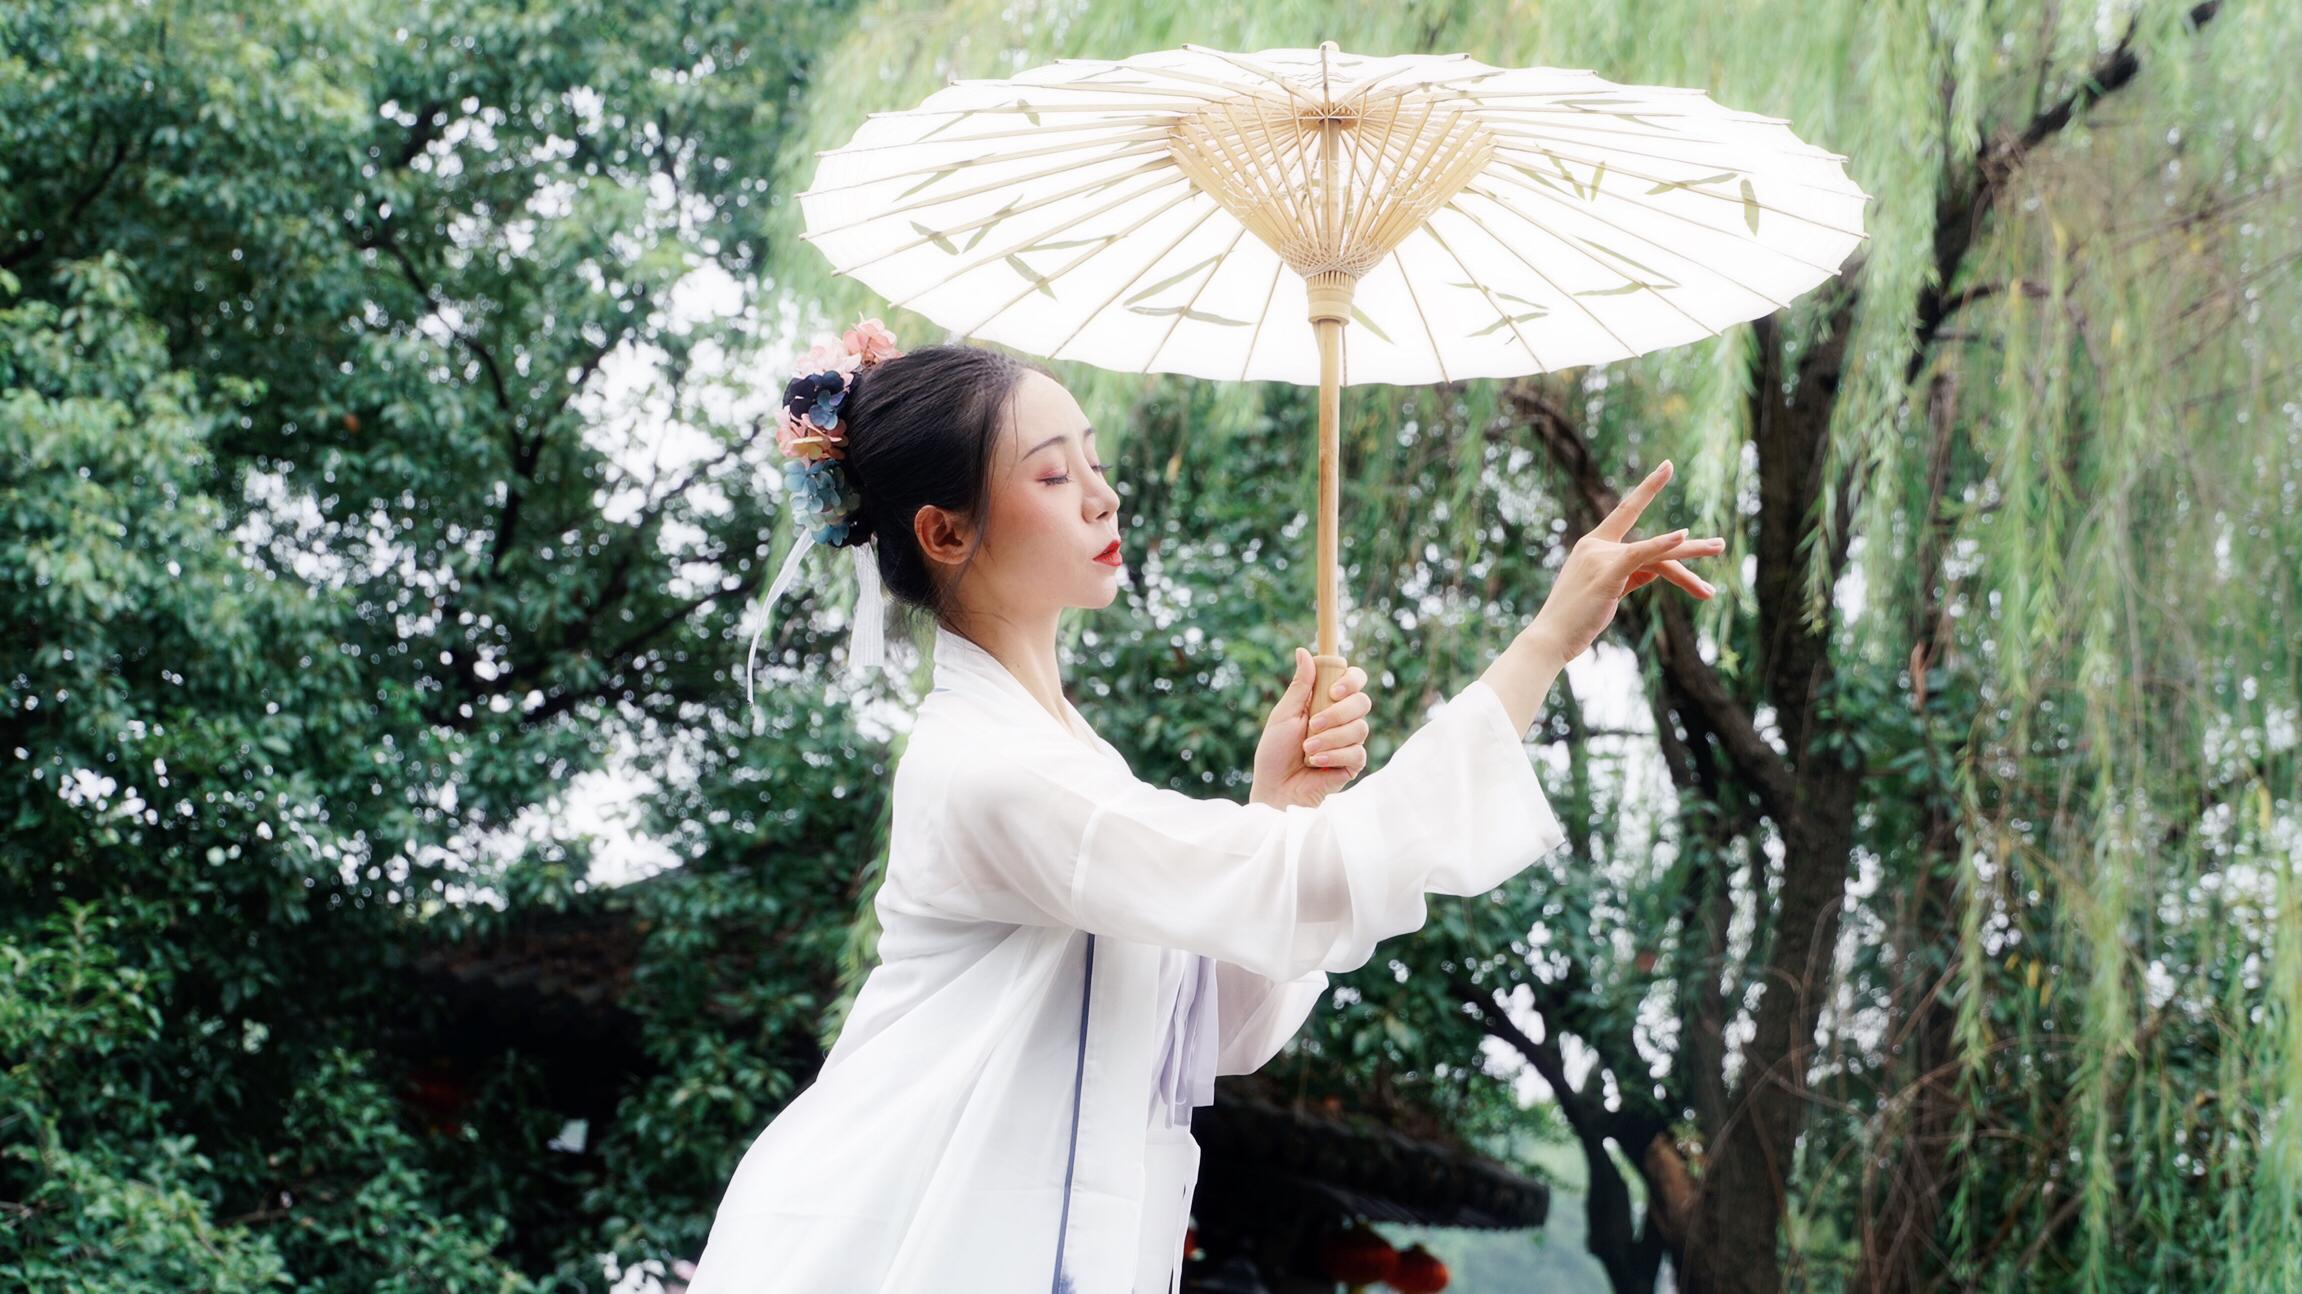 【爱李】青蛇-古风舞(翻跳)